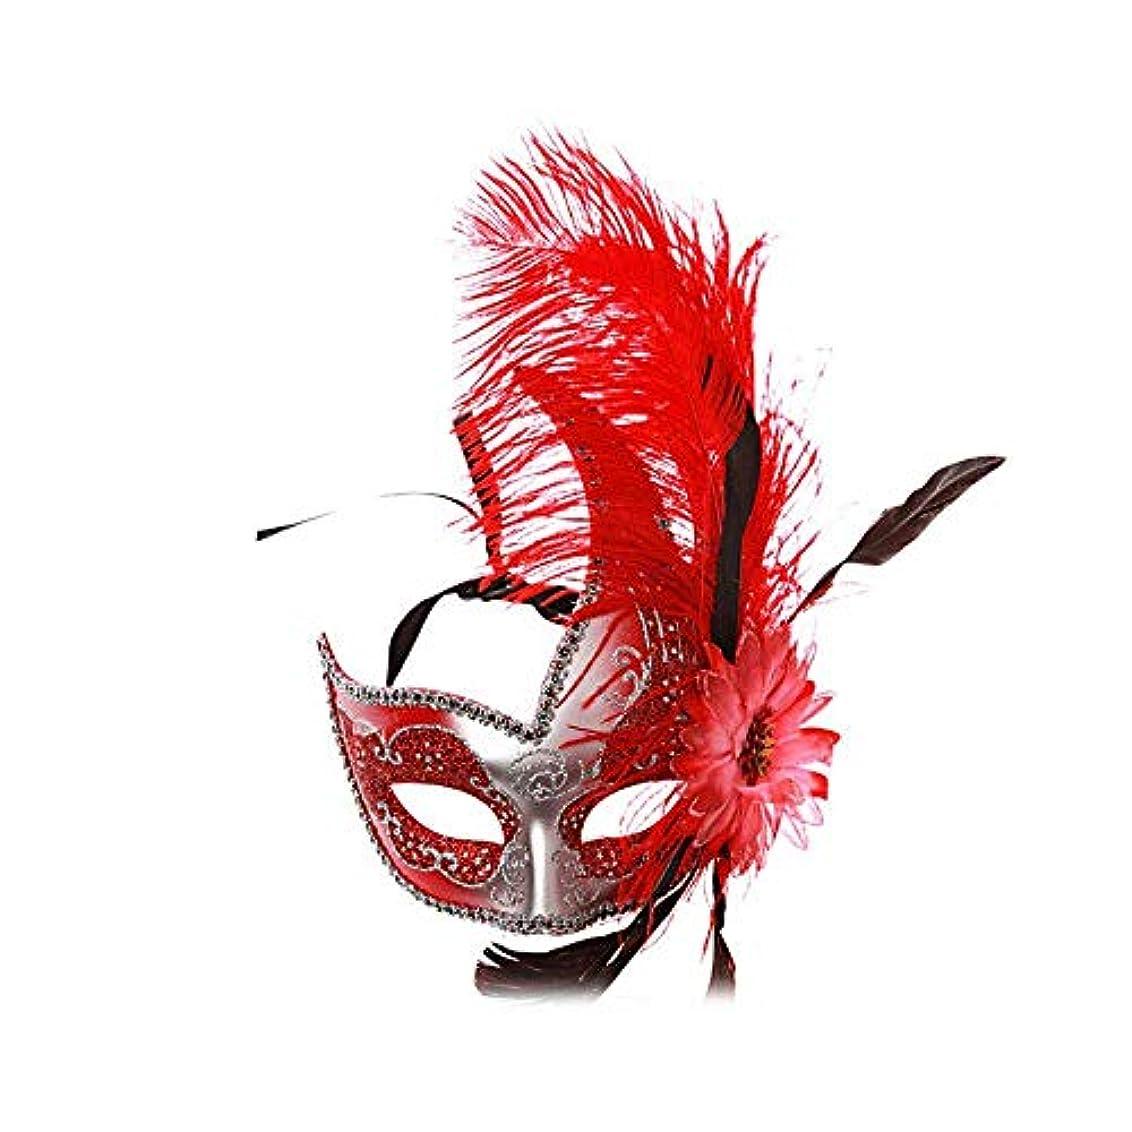 泣き叫ぶ電圧研磨剤Nanle ハロウィンマスクハーフフェザーマスクベニスプリンセスマスク美容レース仮面ライダーコスプレ (色 : Style B red)